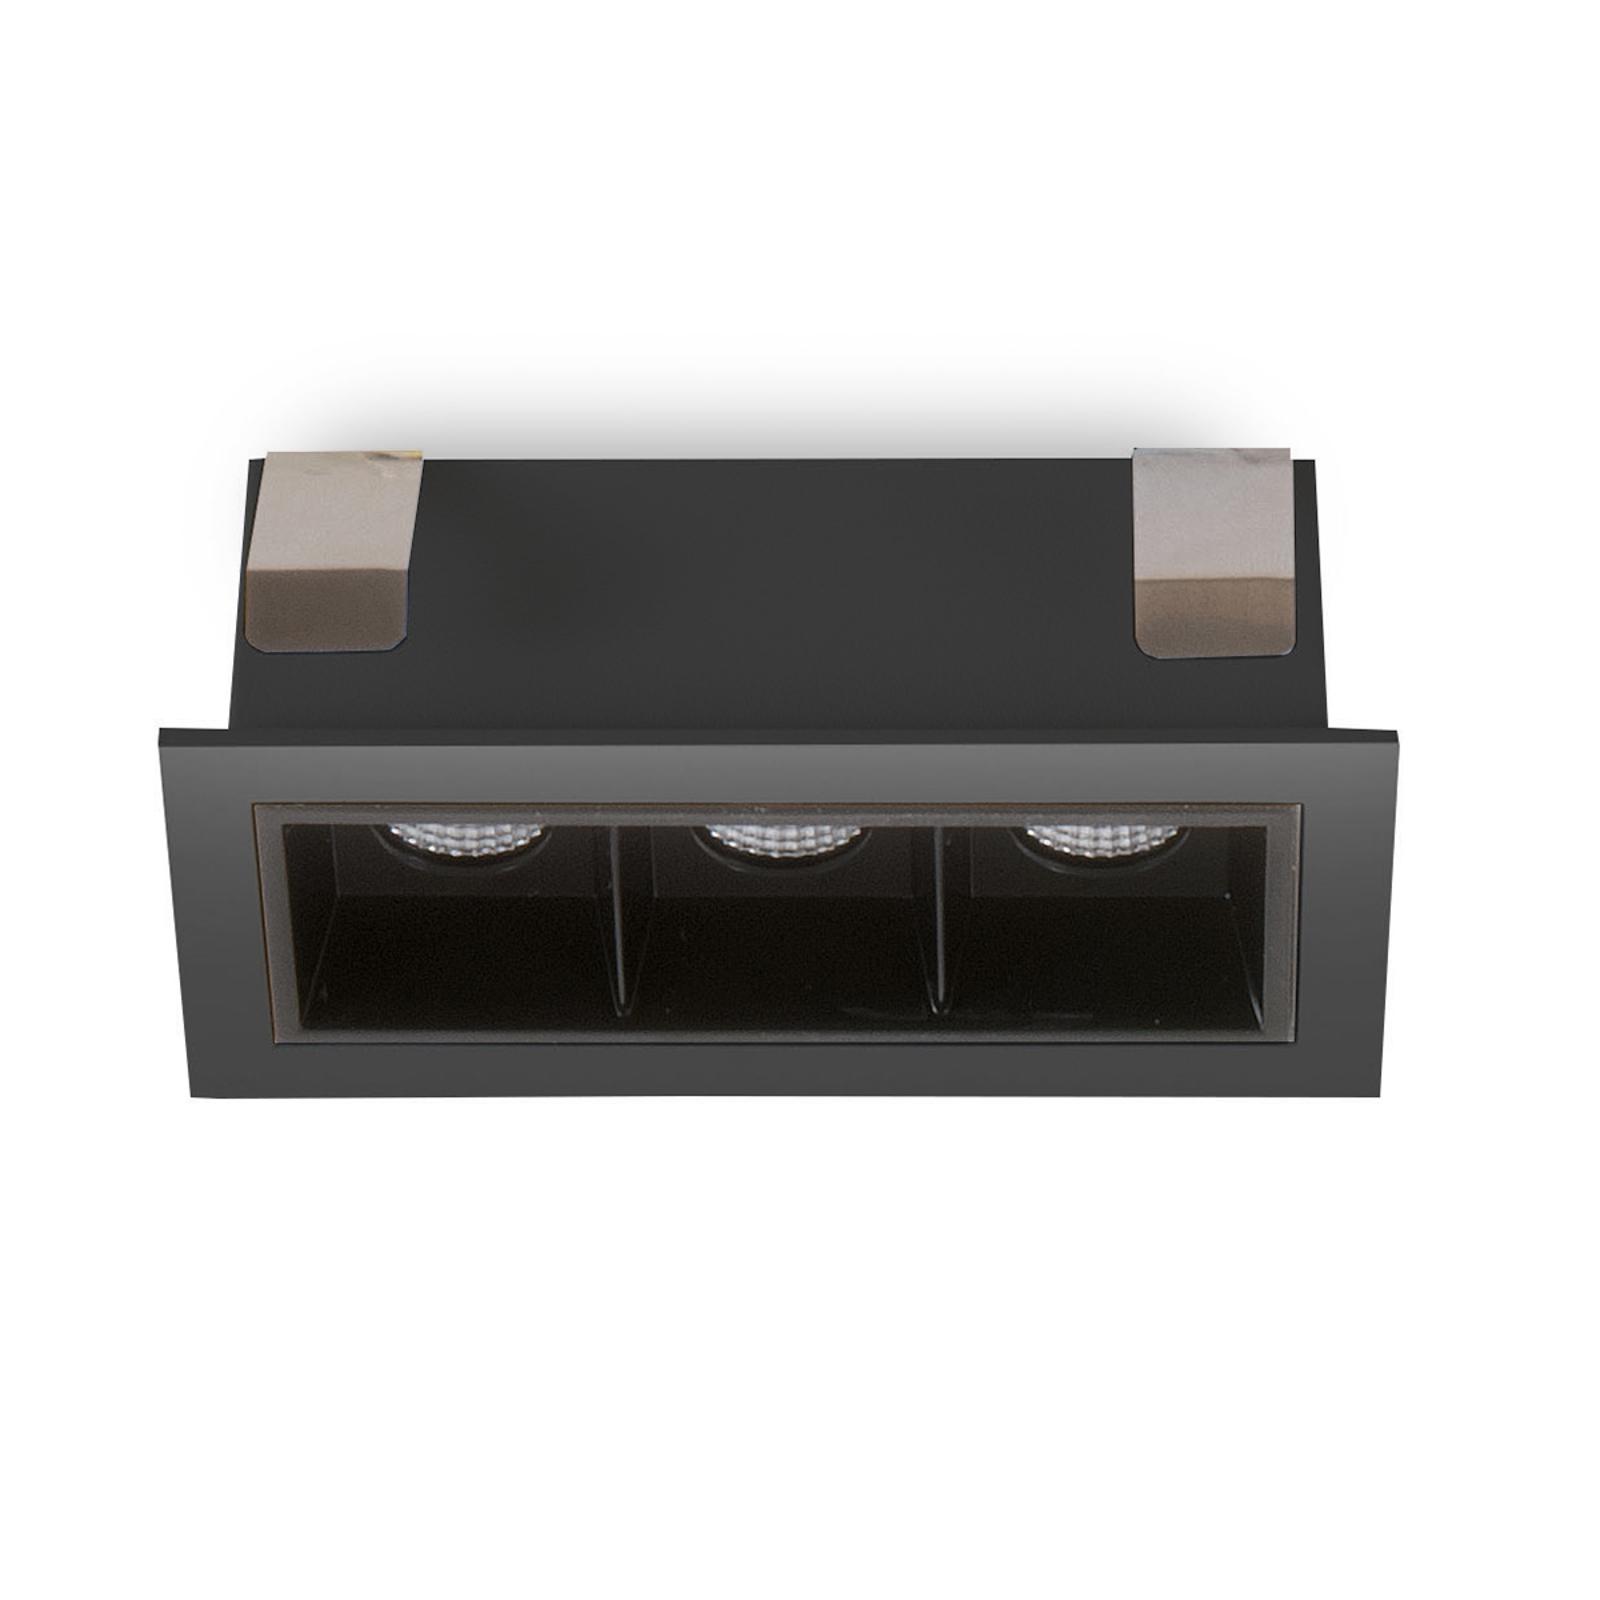 LED-Einbauspot Sound 3 30° mit Rahmen, schwarz